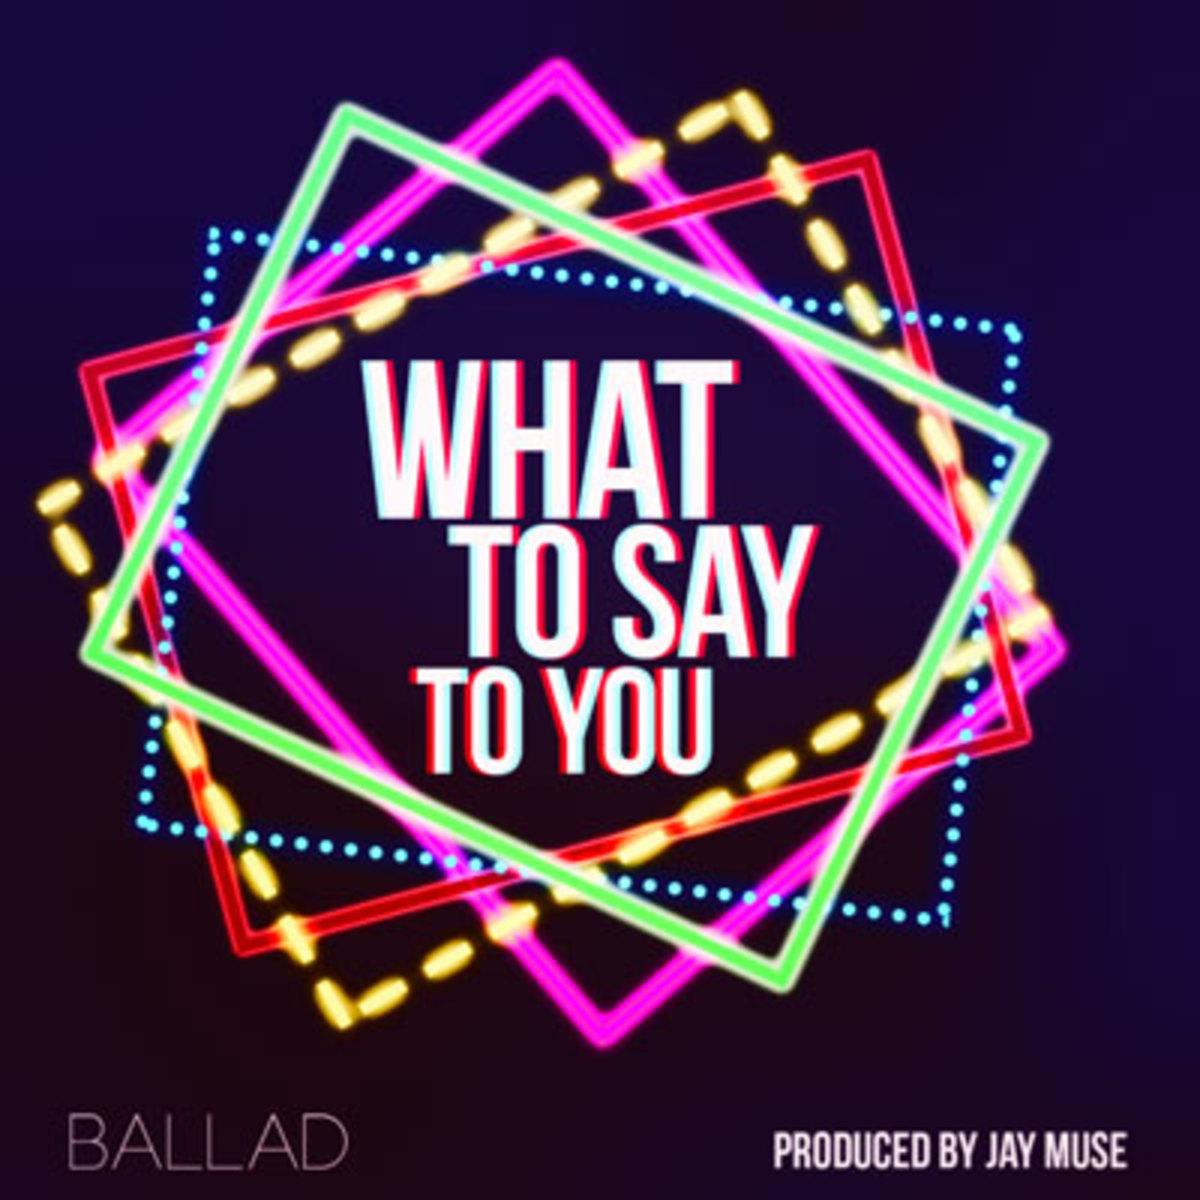 ballad-whattosaytoyou.jpg